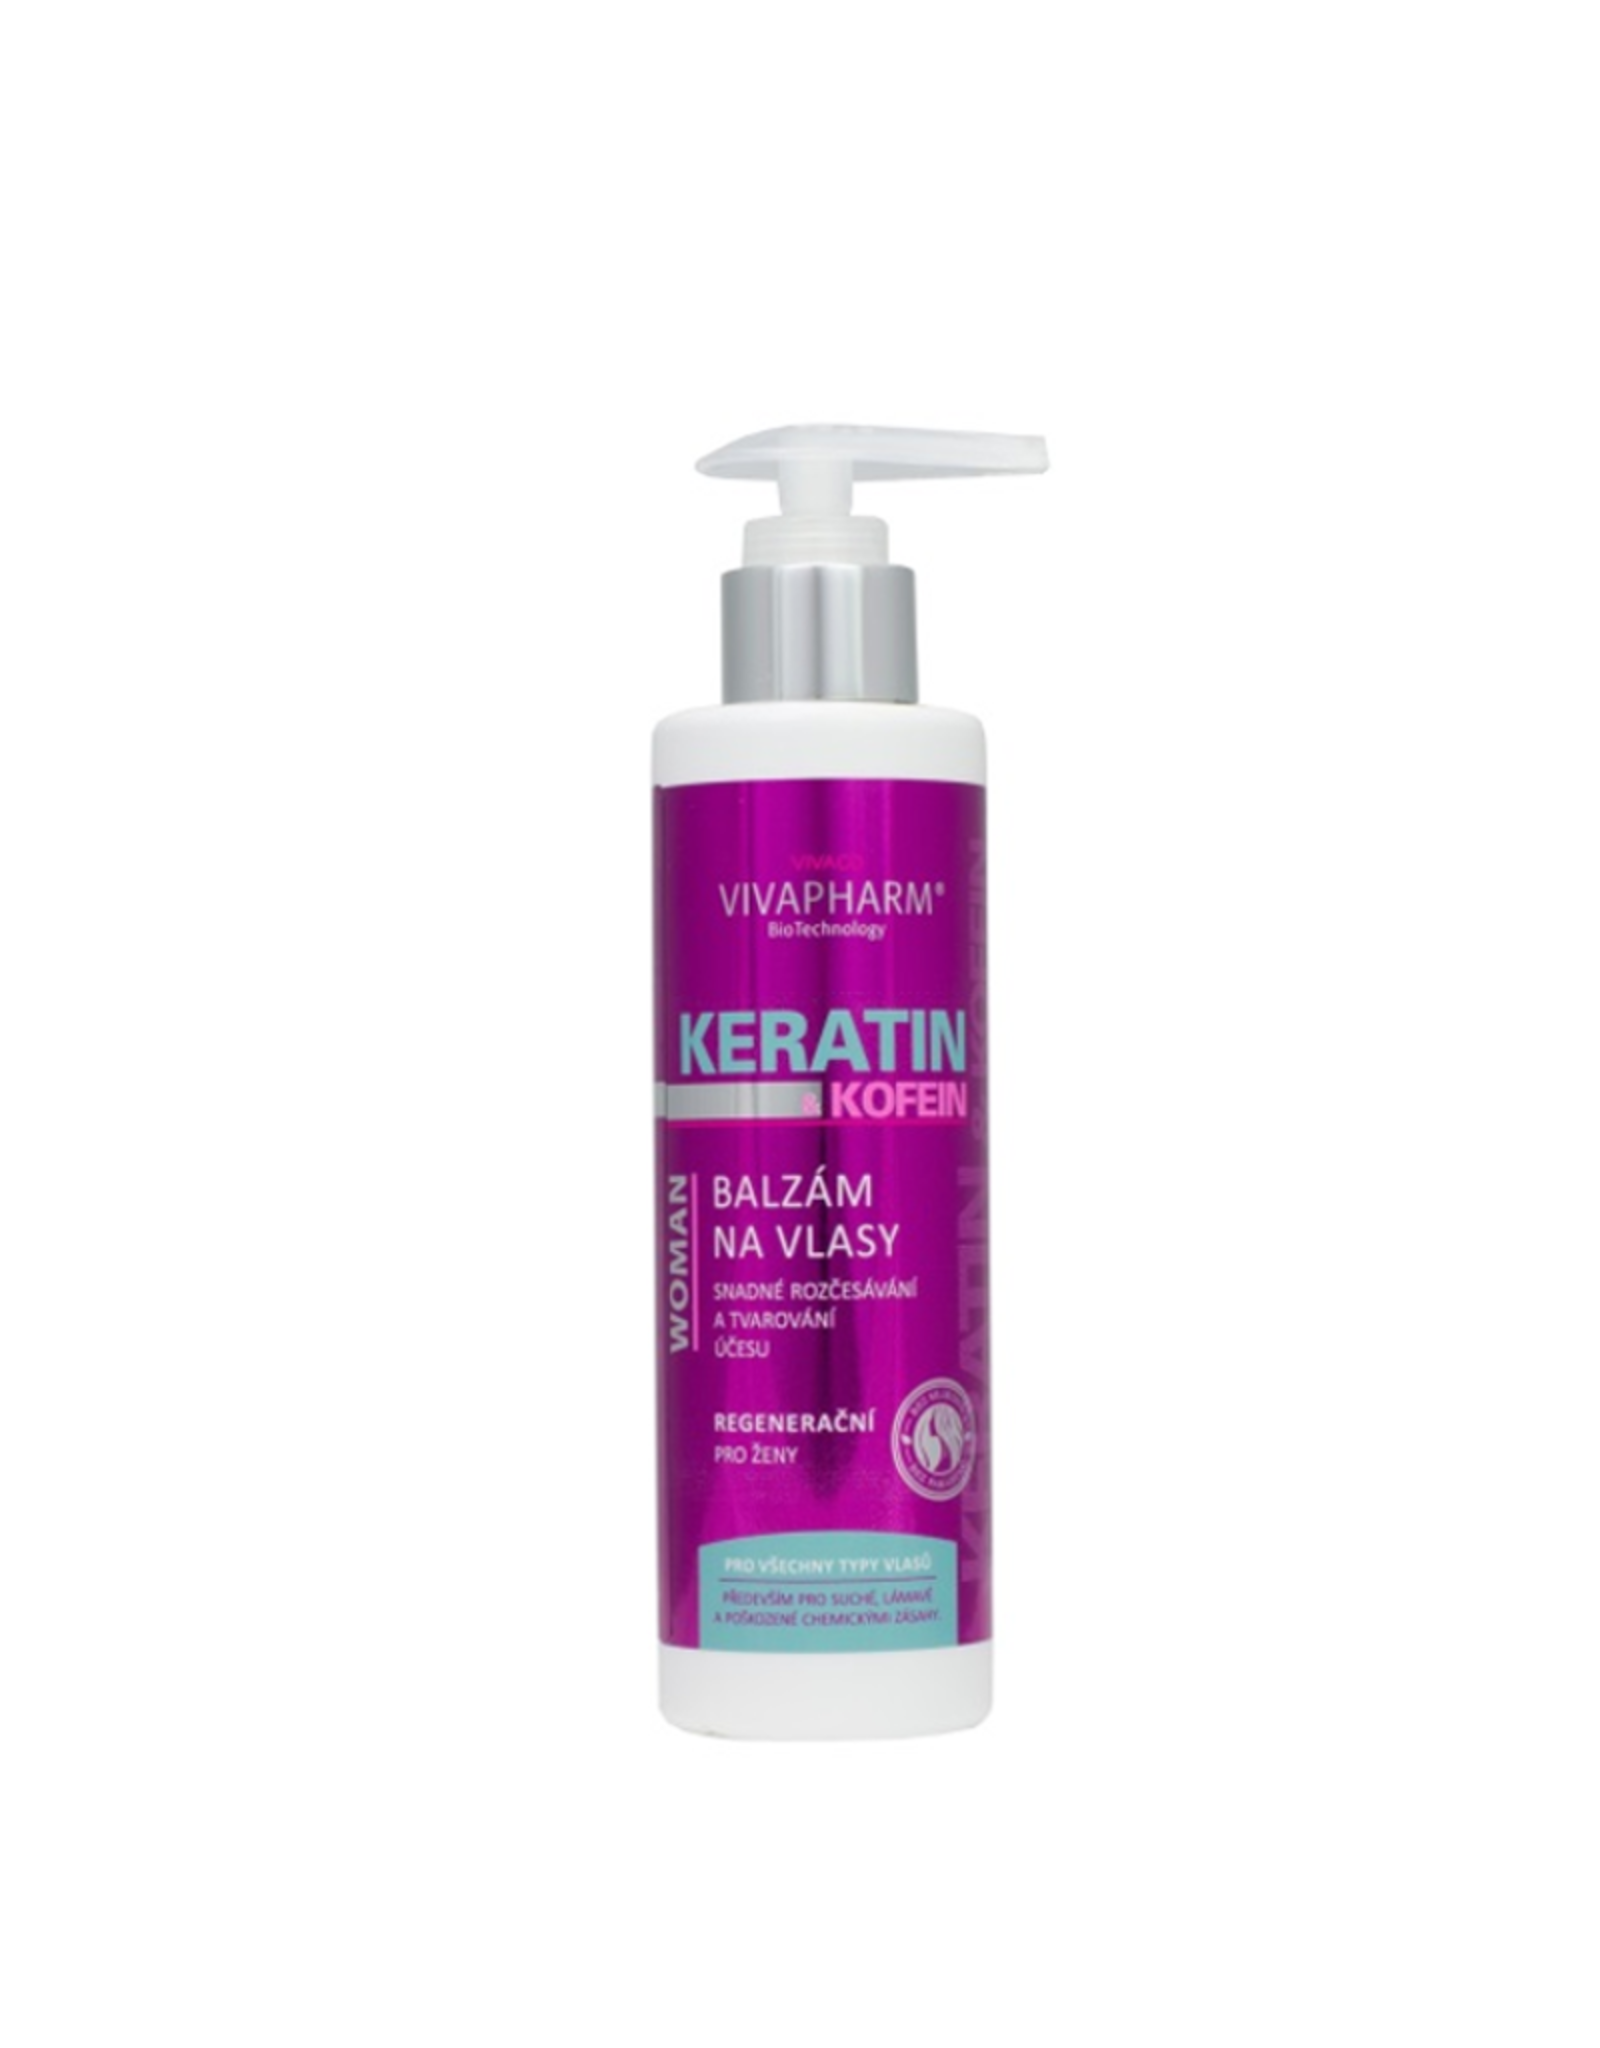 VIVAPHARM®   Haarbalsem met Keratine  & Cafeïne